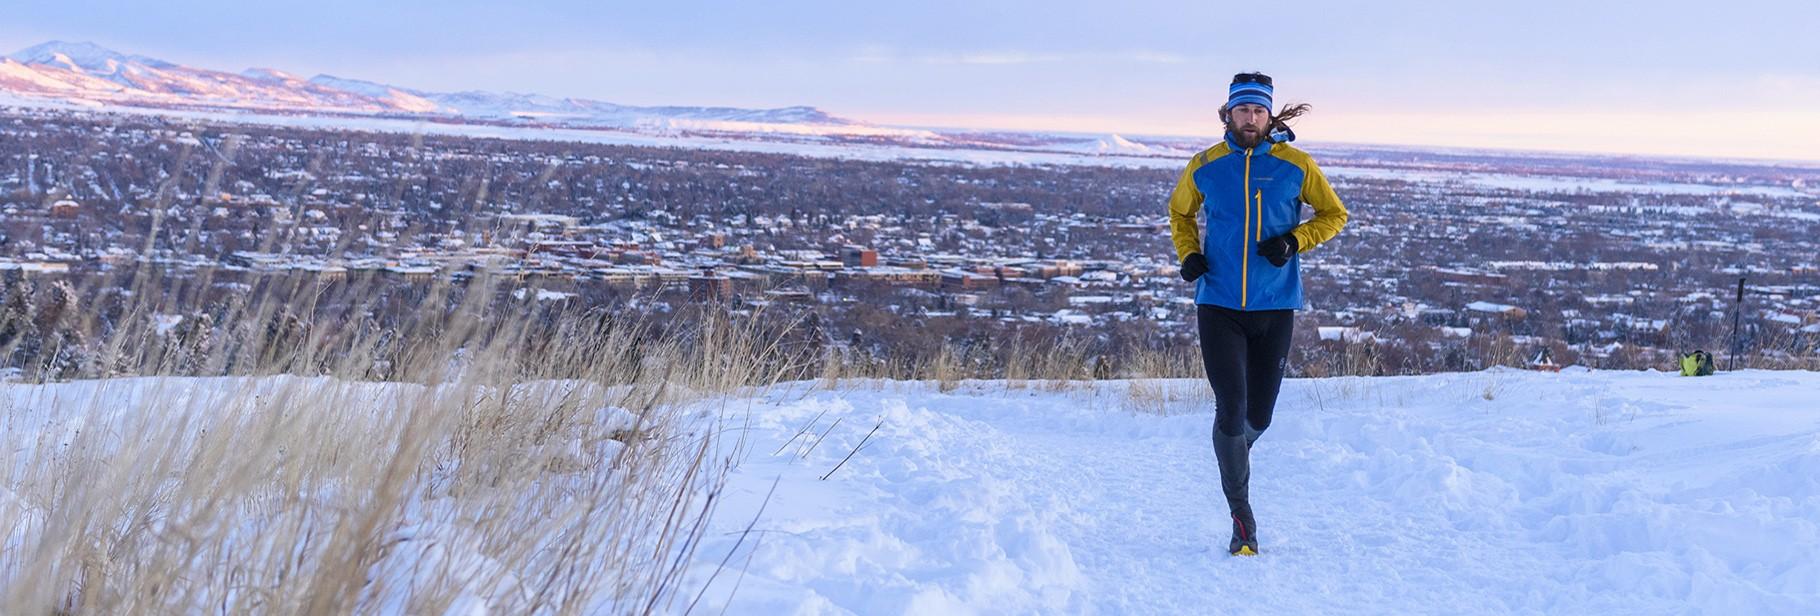 Winter Mountain Running